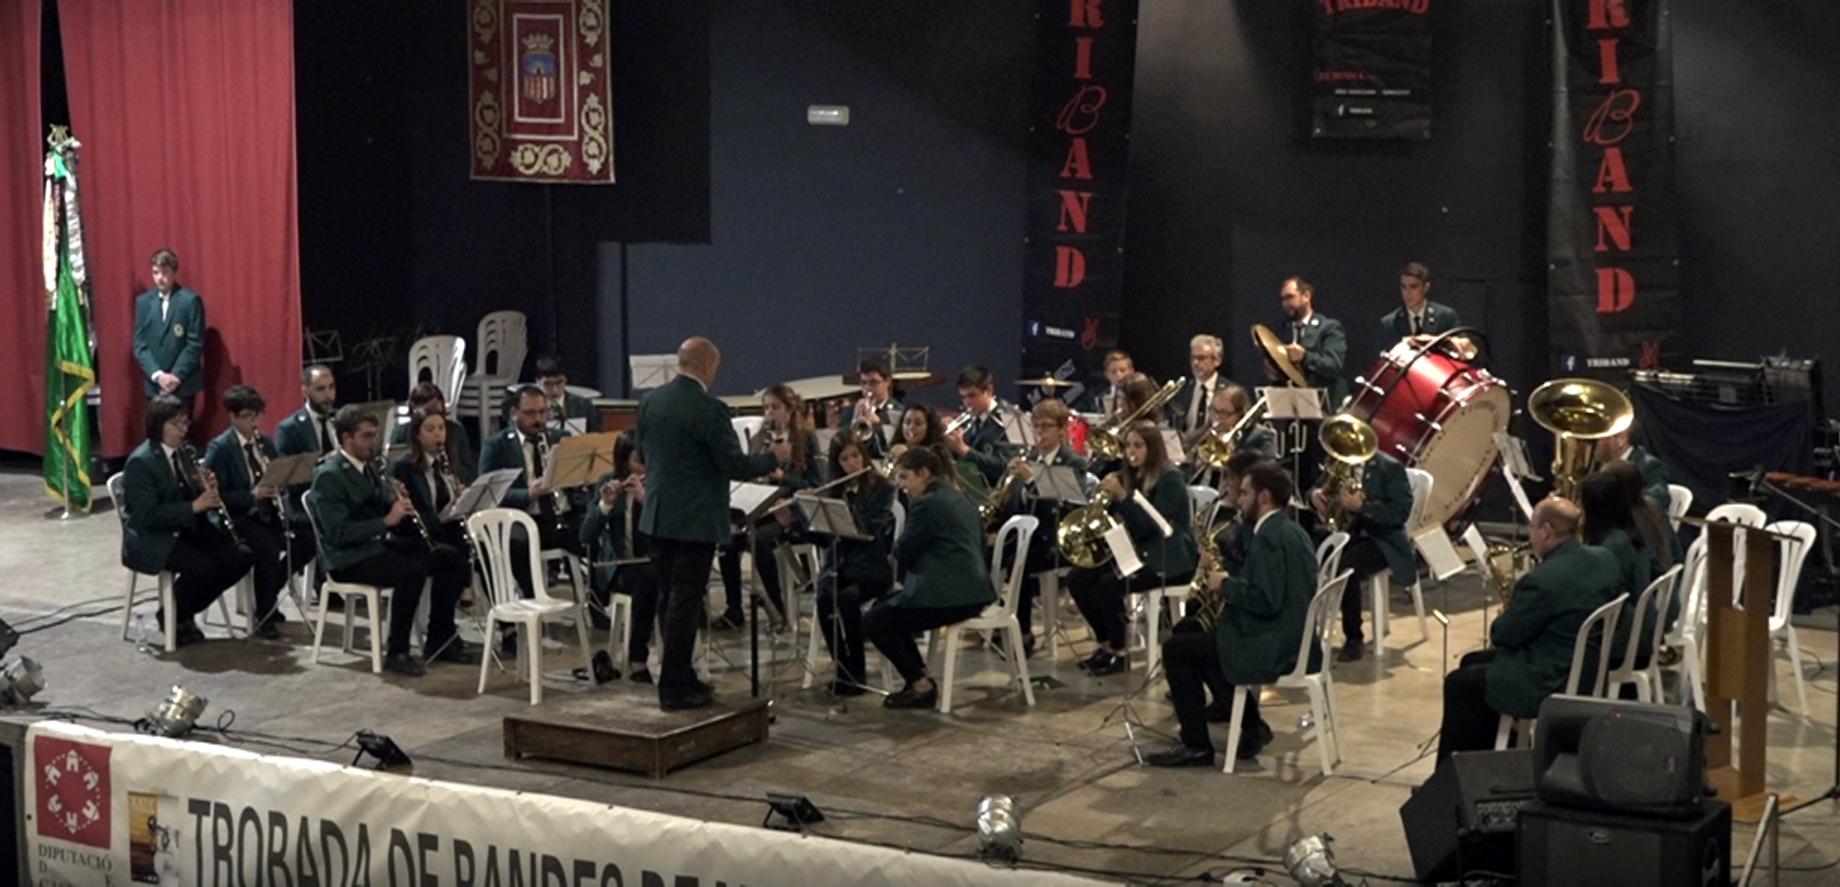 Morella va acollir dissabte la 24a Trobada de Bandes de Música Els Ports Maestrat